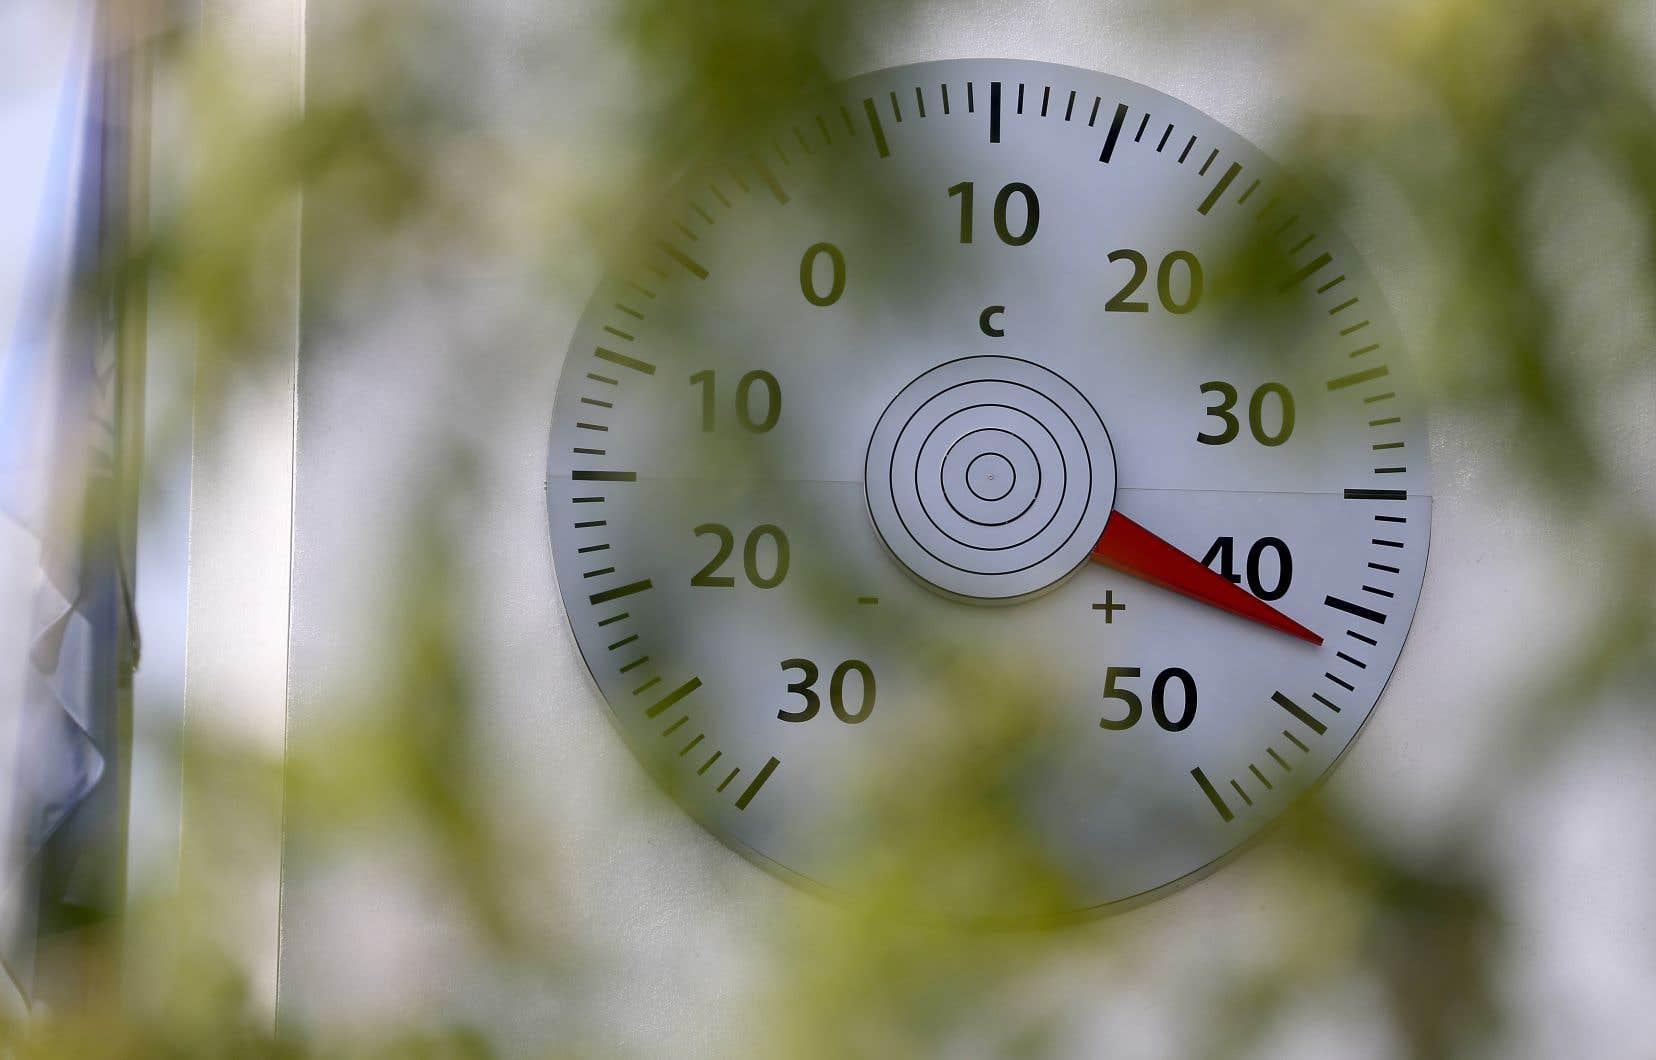 Le mois de juillet 2019, marqué par plusieurs canicules notamment en Europe, a battu le record absolu de température.